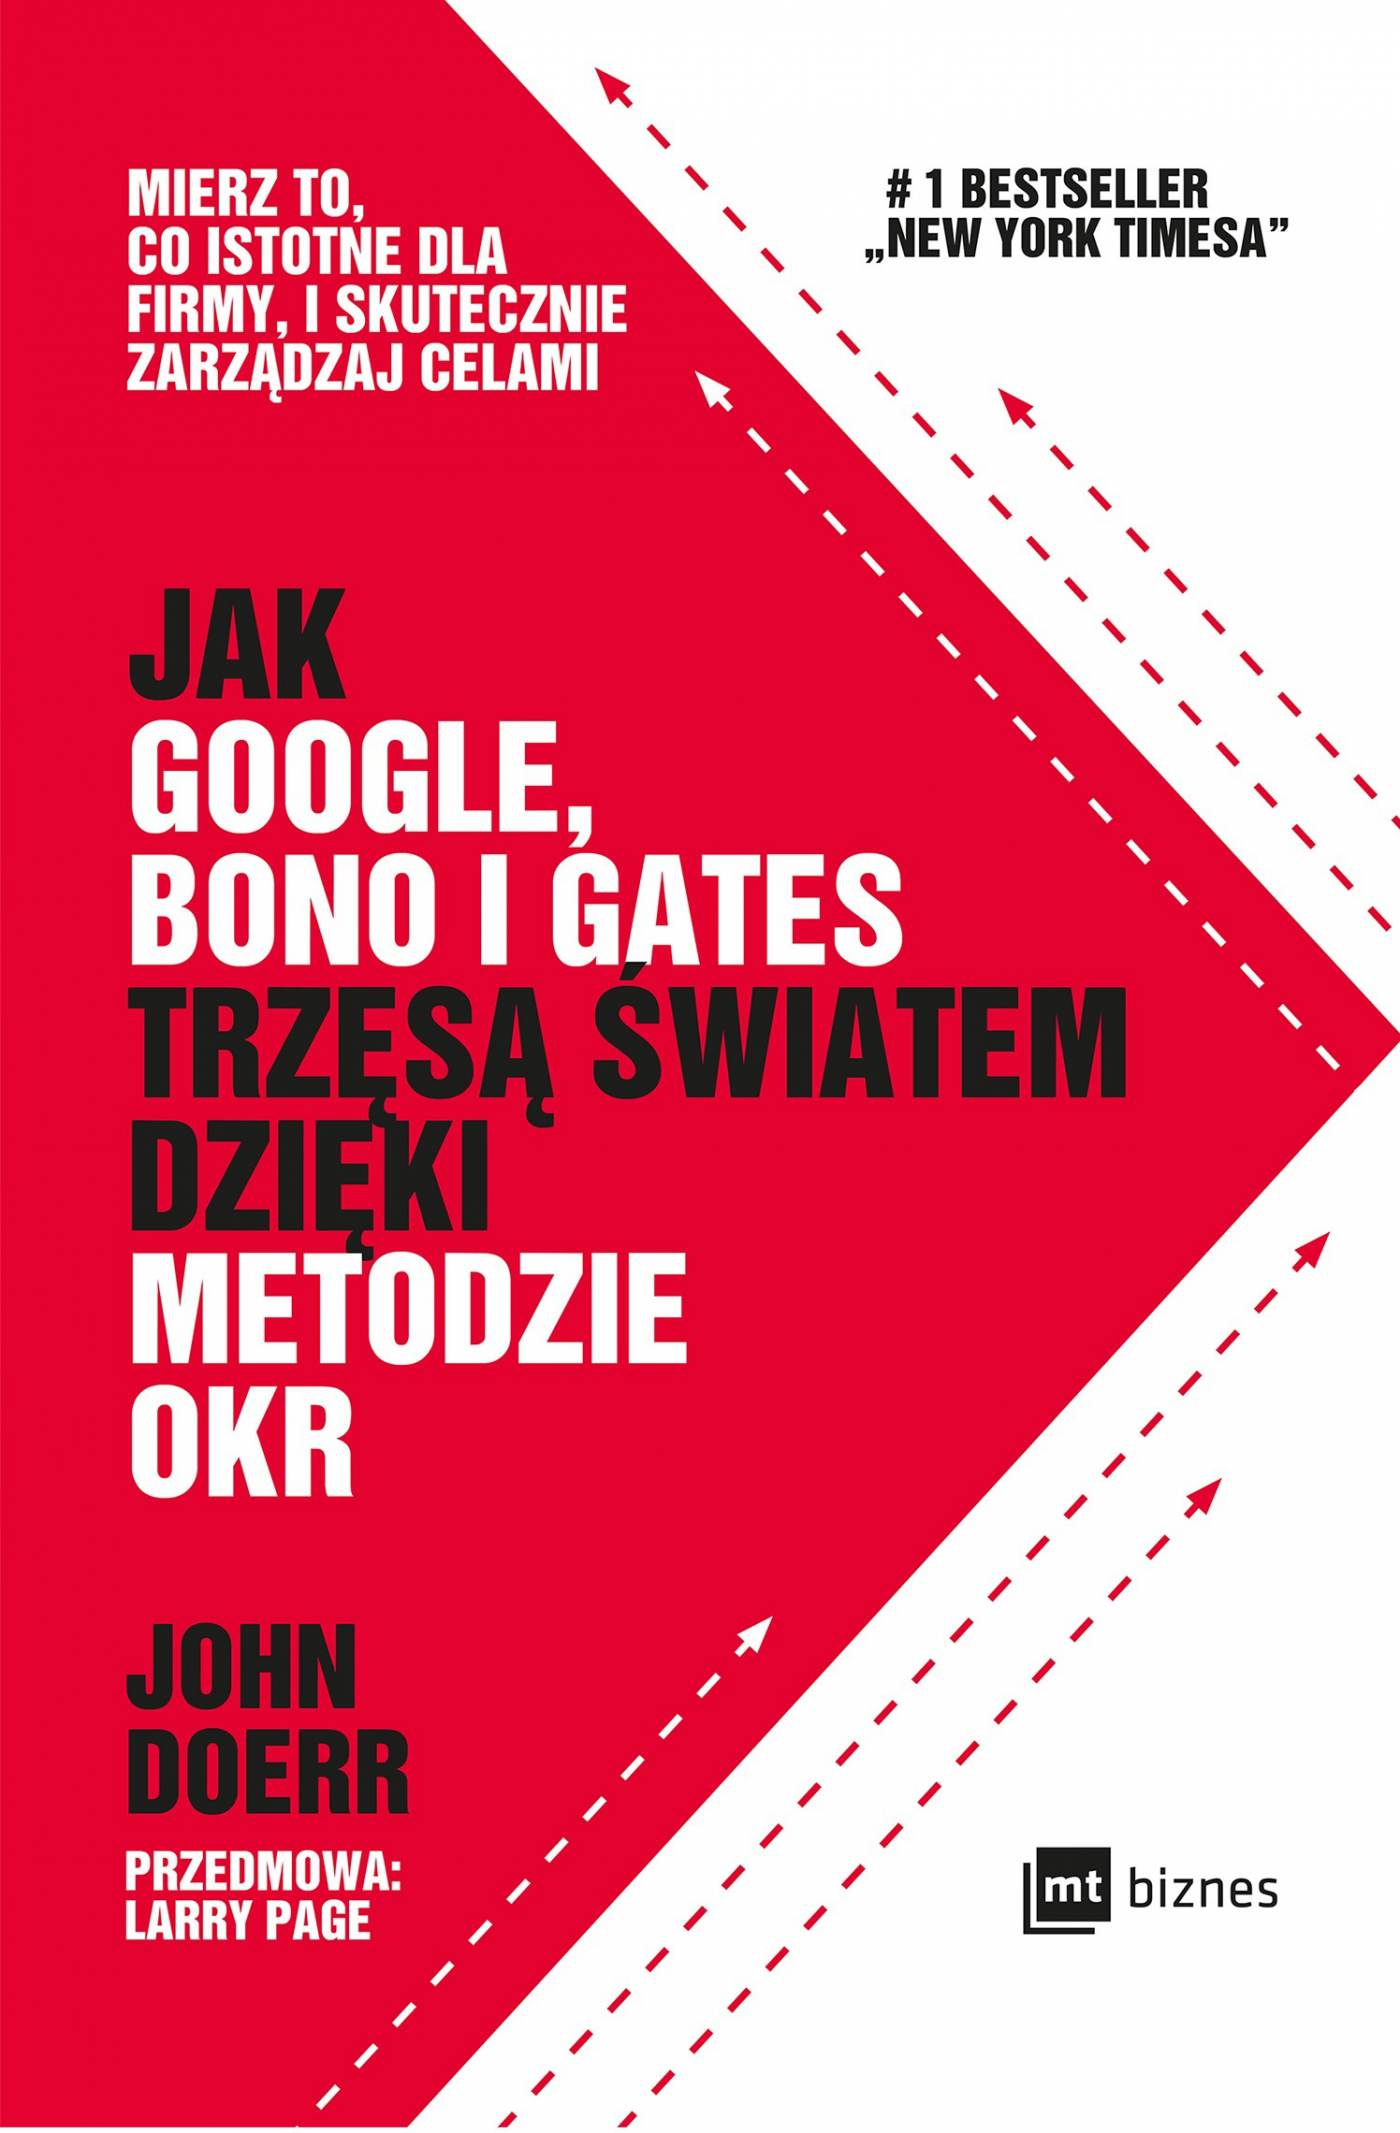 Jak Google, Bono i Gates trzęsą światem dzięki metodzie OKR - Ebook (Książka EPUB) do pobrania w formacie EPUB